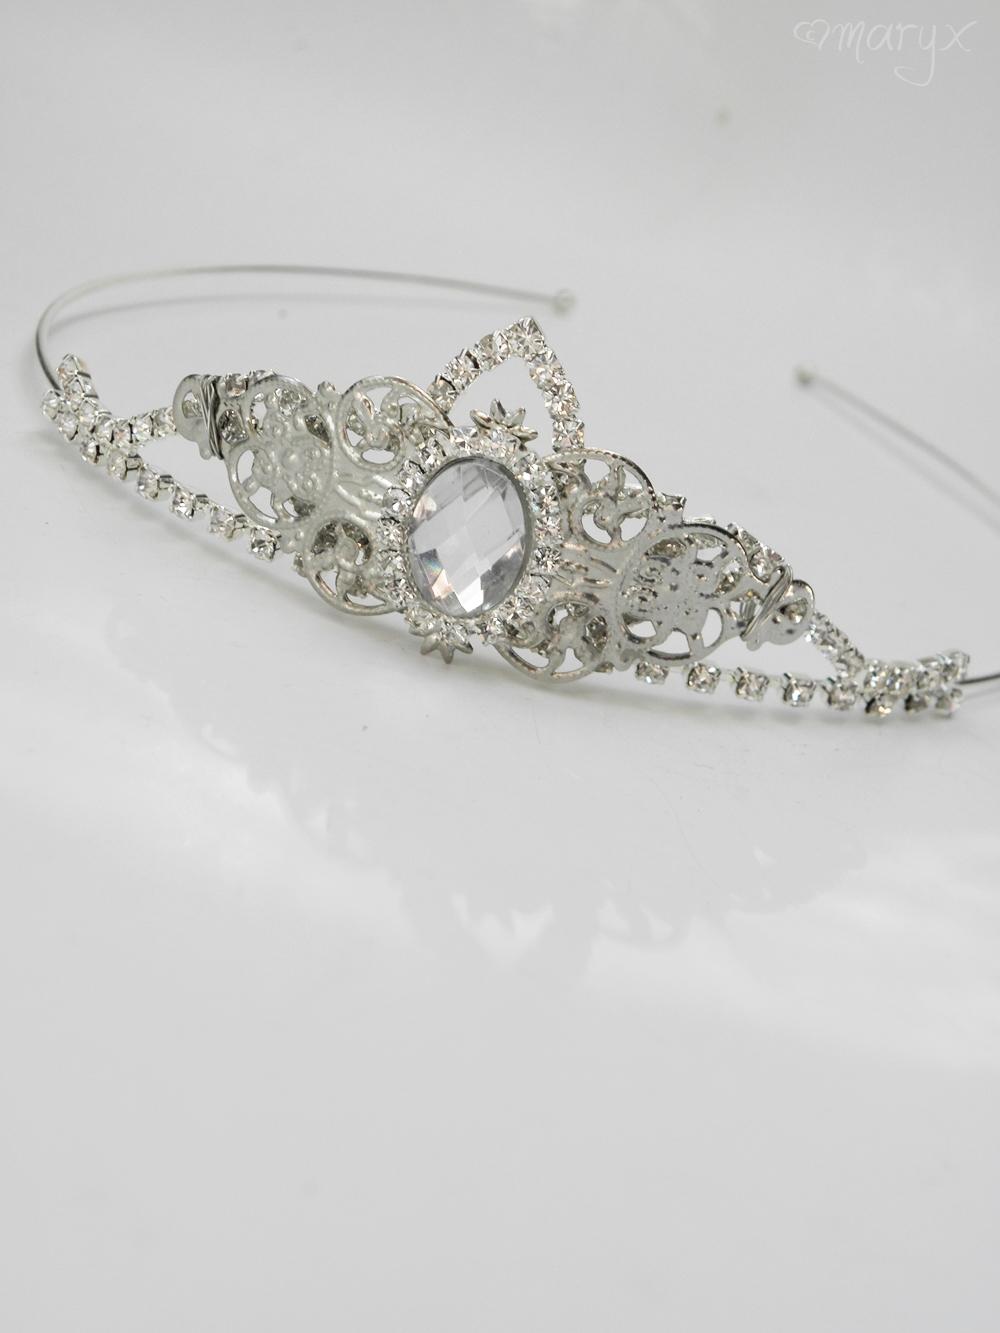 ce737daed57 Štrasová korunka s krystalem   Zboží prodejce maryx